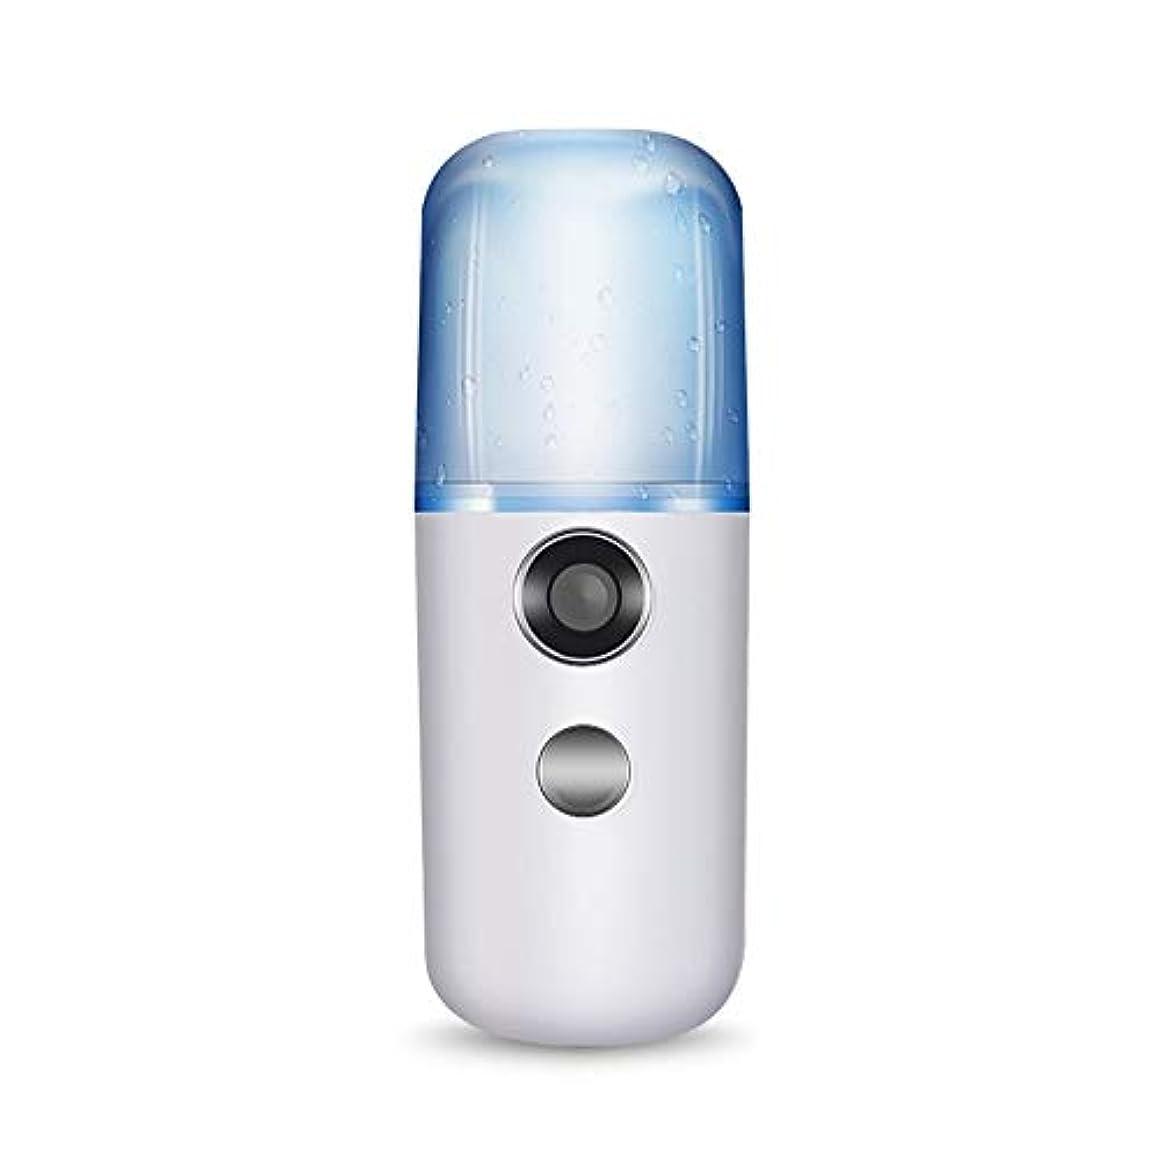 急流化石できたZXF 新しいナノスプレー水和機器美容機器蒸し顔コールドスプレーポータブル美容機器加湿器ABS素材USB充電ホワイトピンク 滑らかである (色 : Blue)